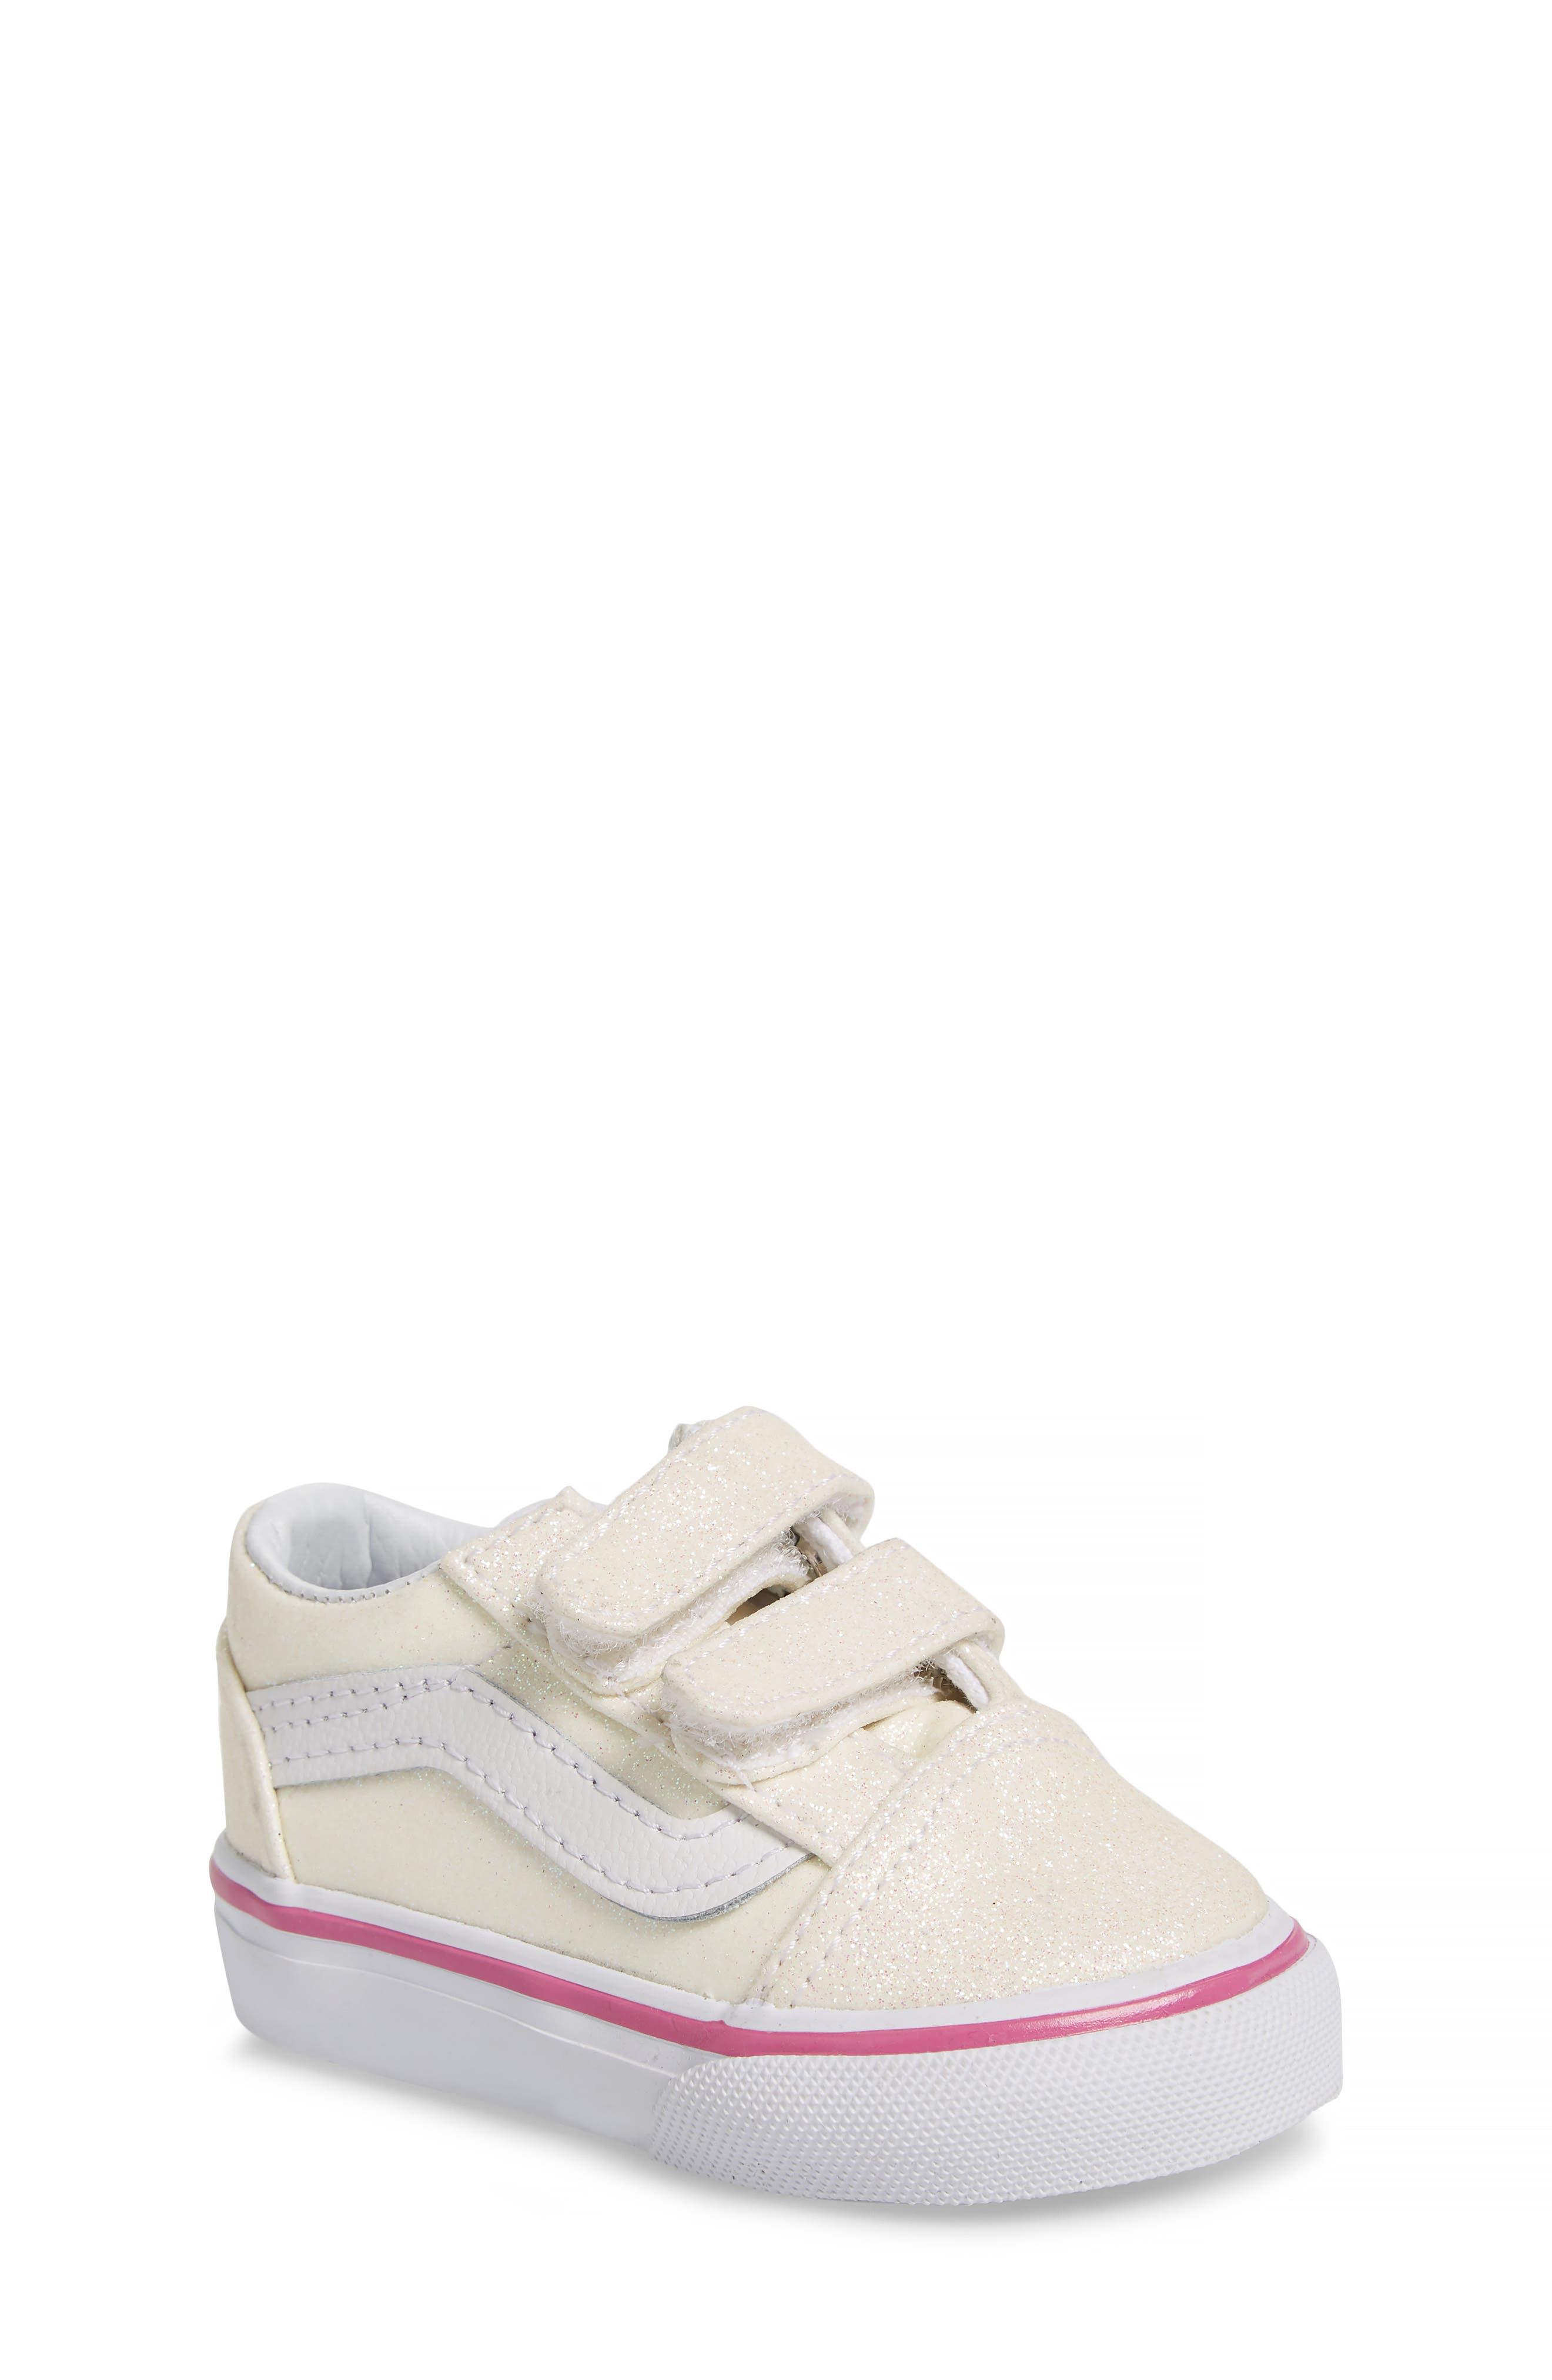 Old Skool V Glitter Sneaker,                         Main,                         color, Rainbow White Glitter